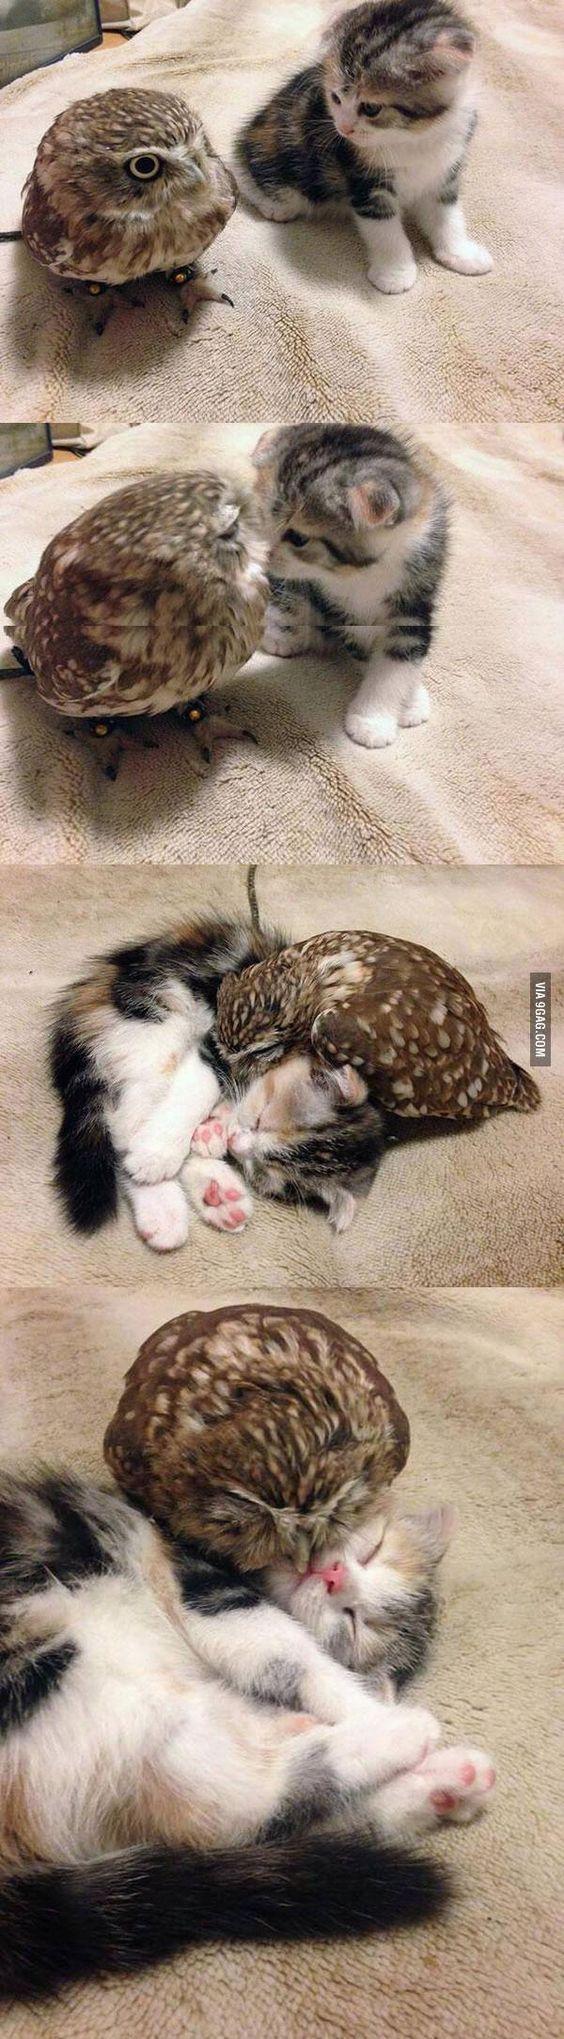 Tiny owl and tiny kitten: